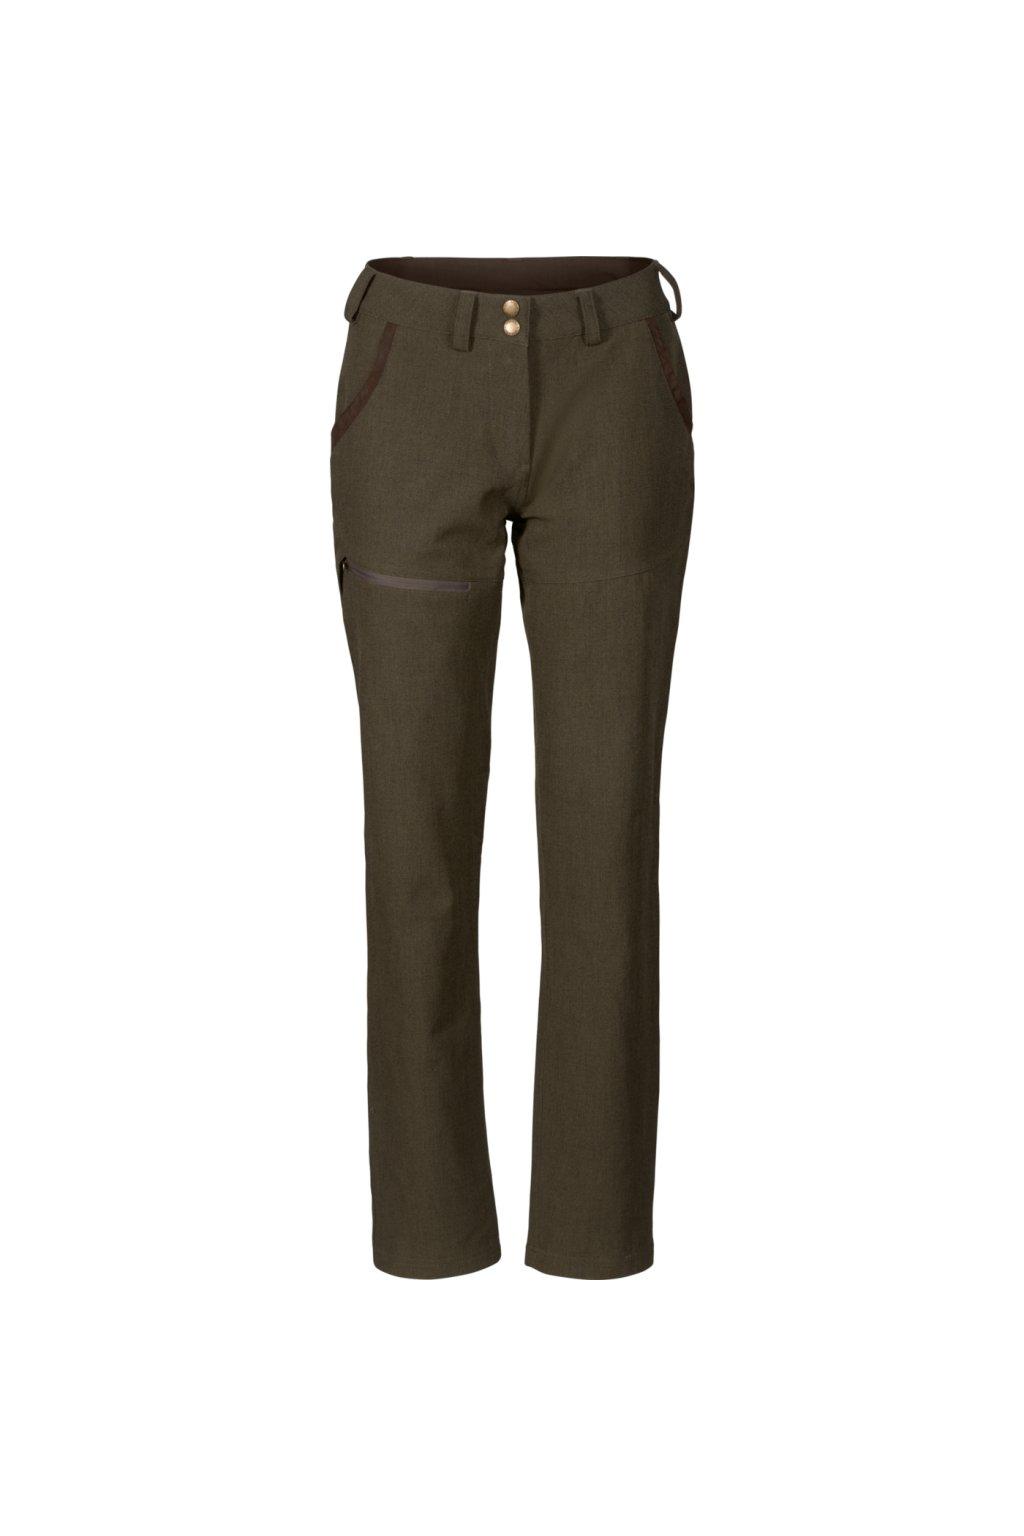 Seeland - Woodcock Advanced kalhoty dámské